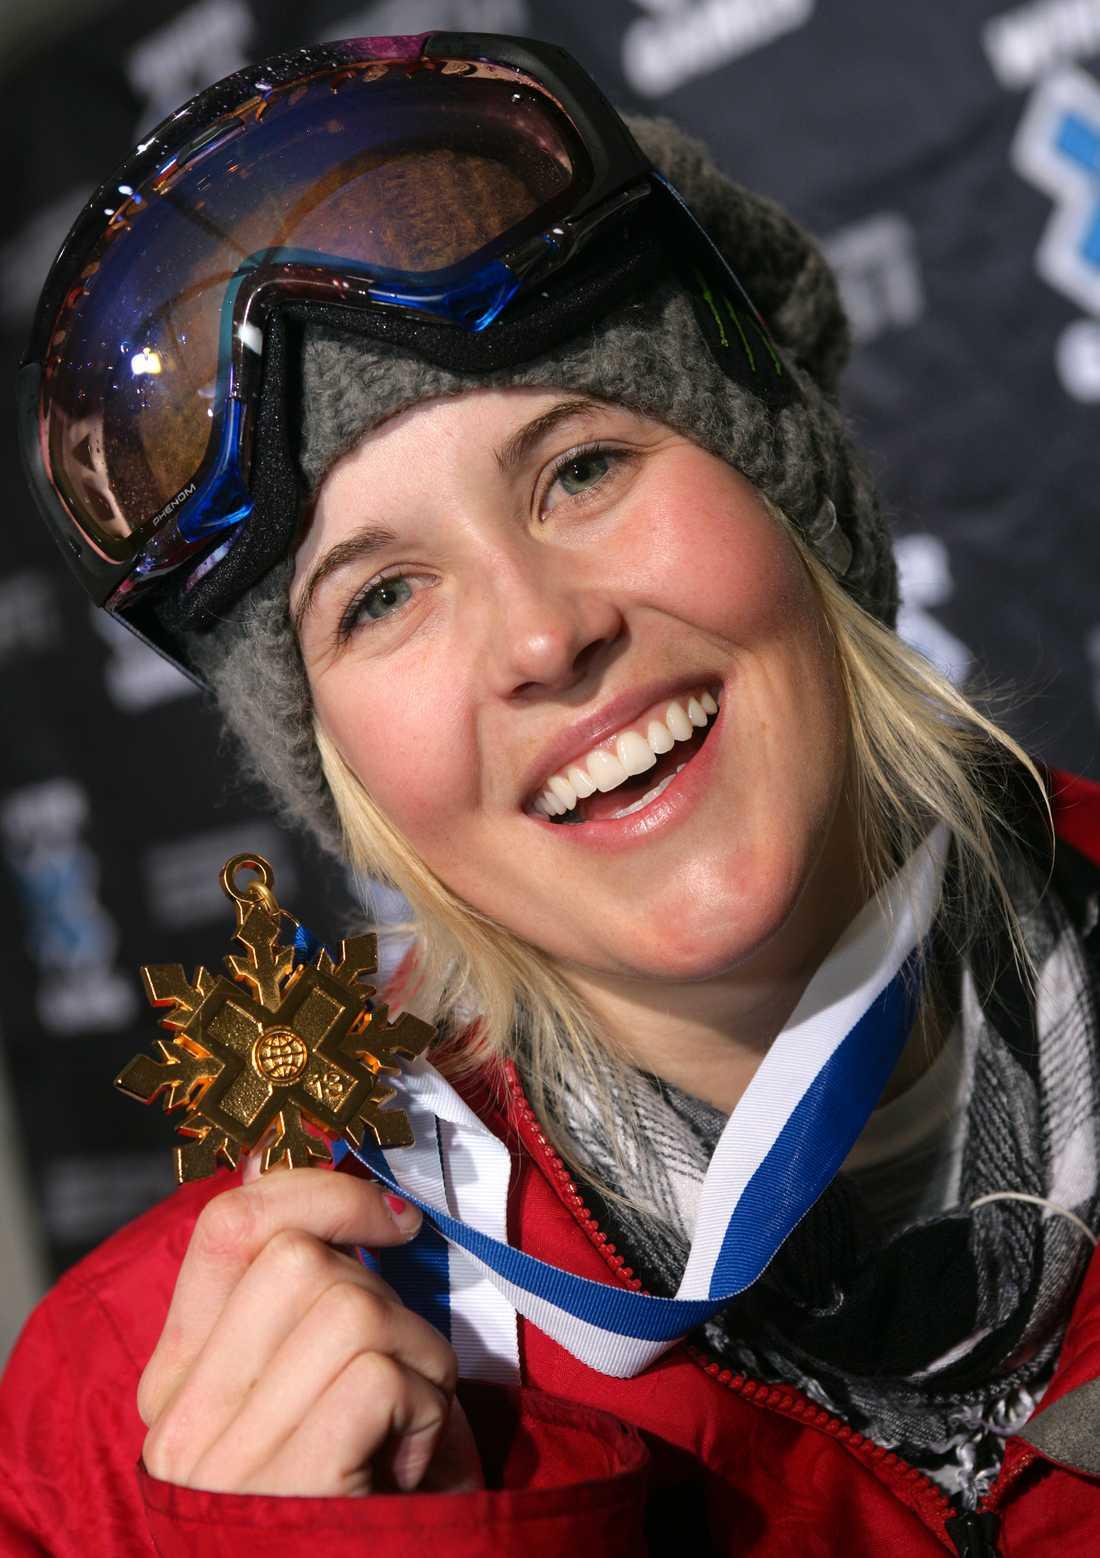 SARAH BURKE (1982-2012) Kanadensisk freestylestjärna. Avled efter skadorna hon ådrog sig av en krasch på träning.